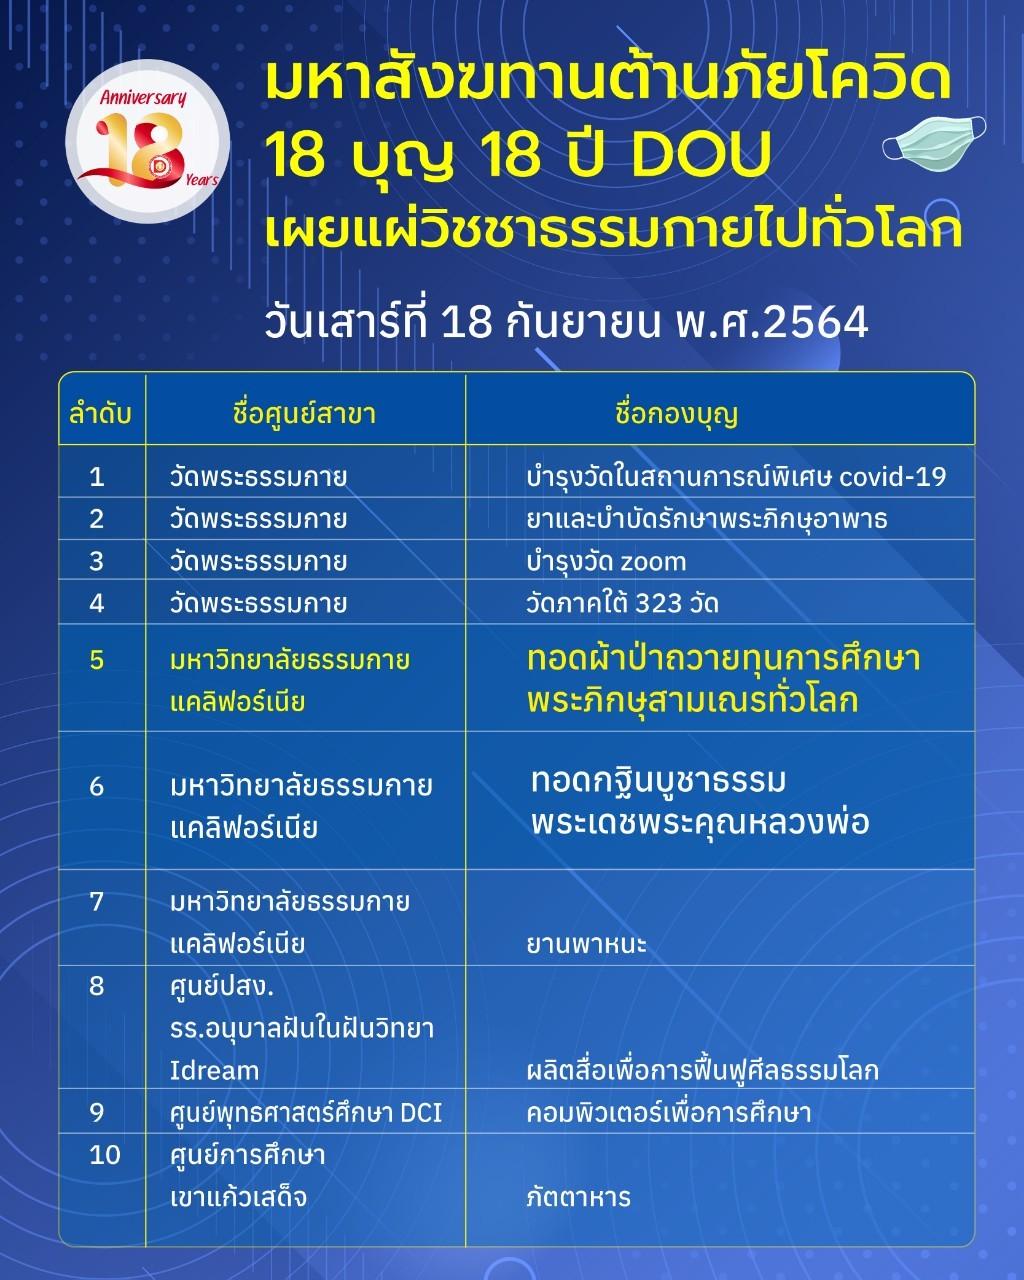 สื่อประชาสัมพันธ์ 18 ปี DOU_210716_15